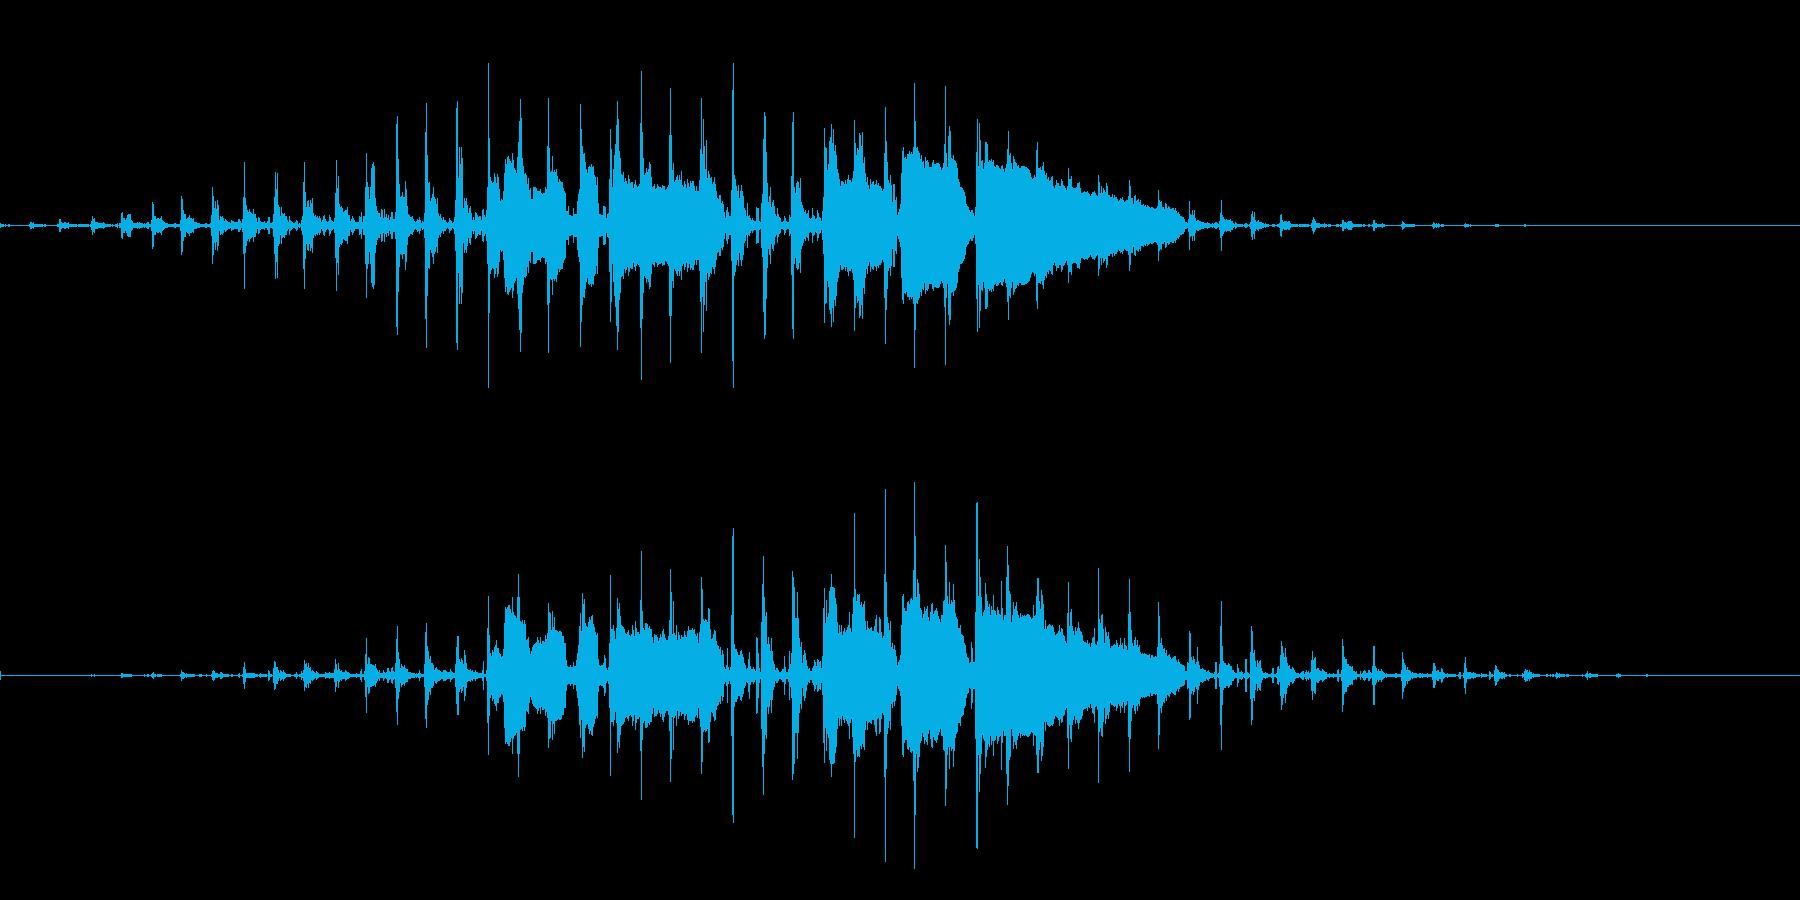 「メリークリスマス ホゥホゥホゥ」の再生済みの波形